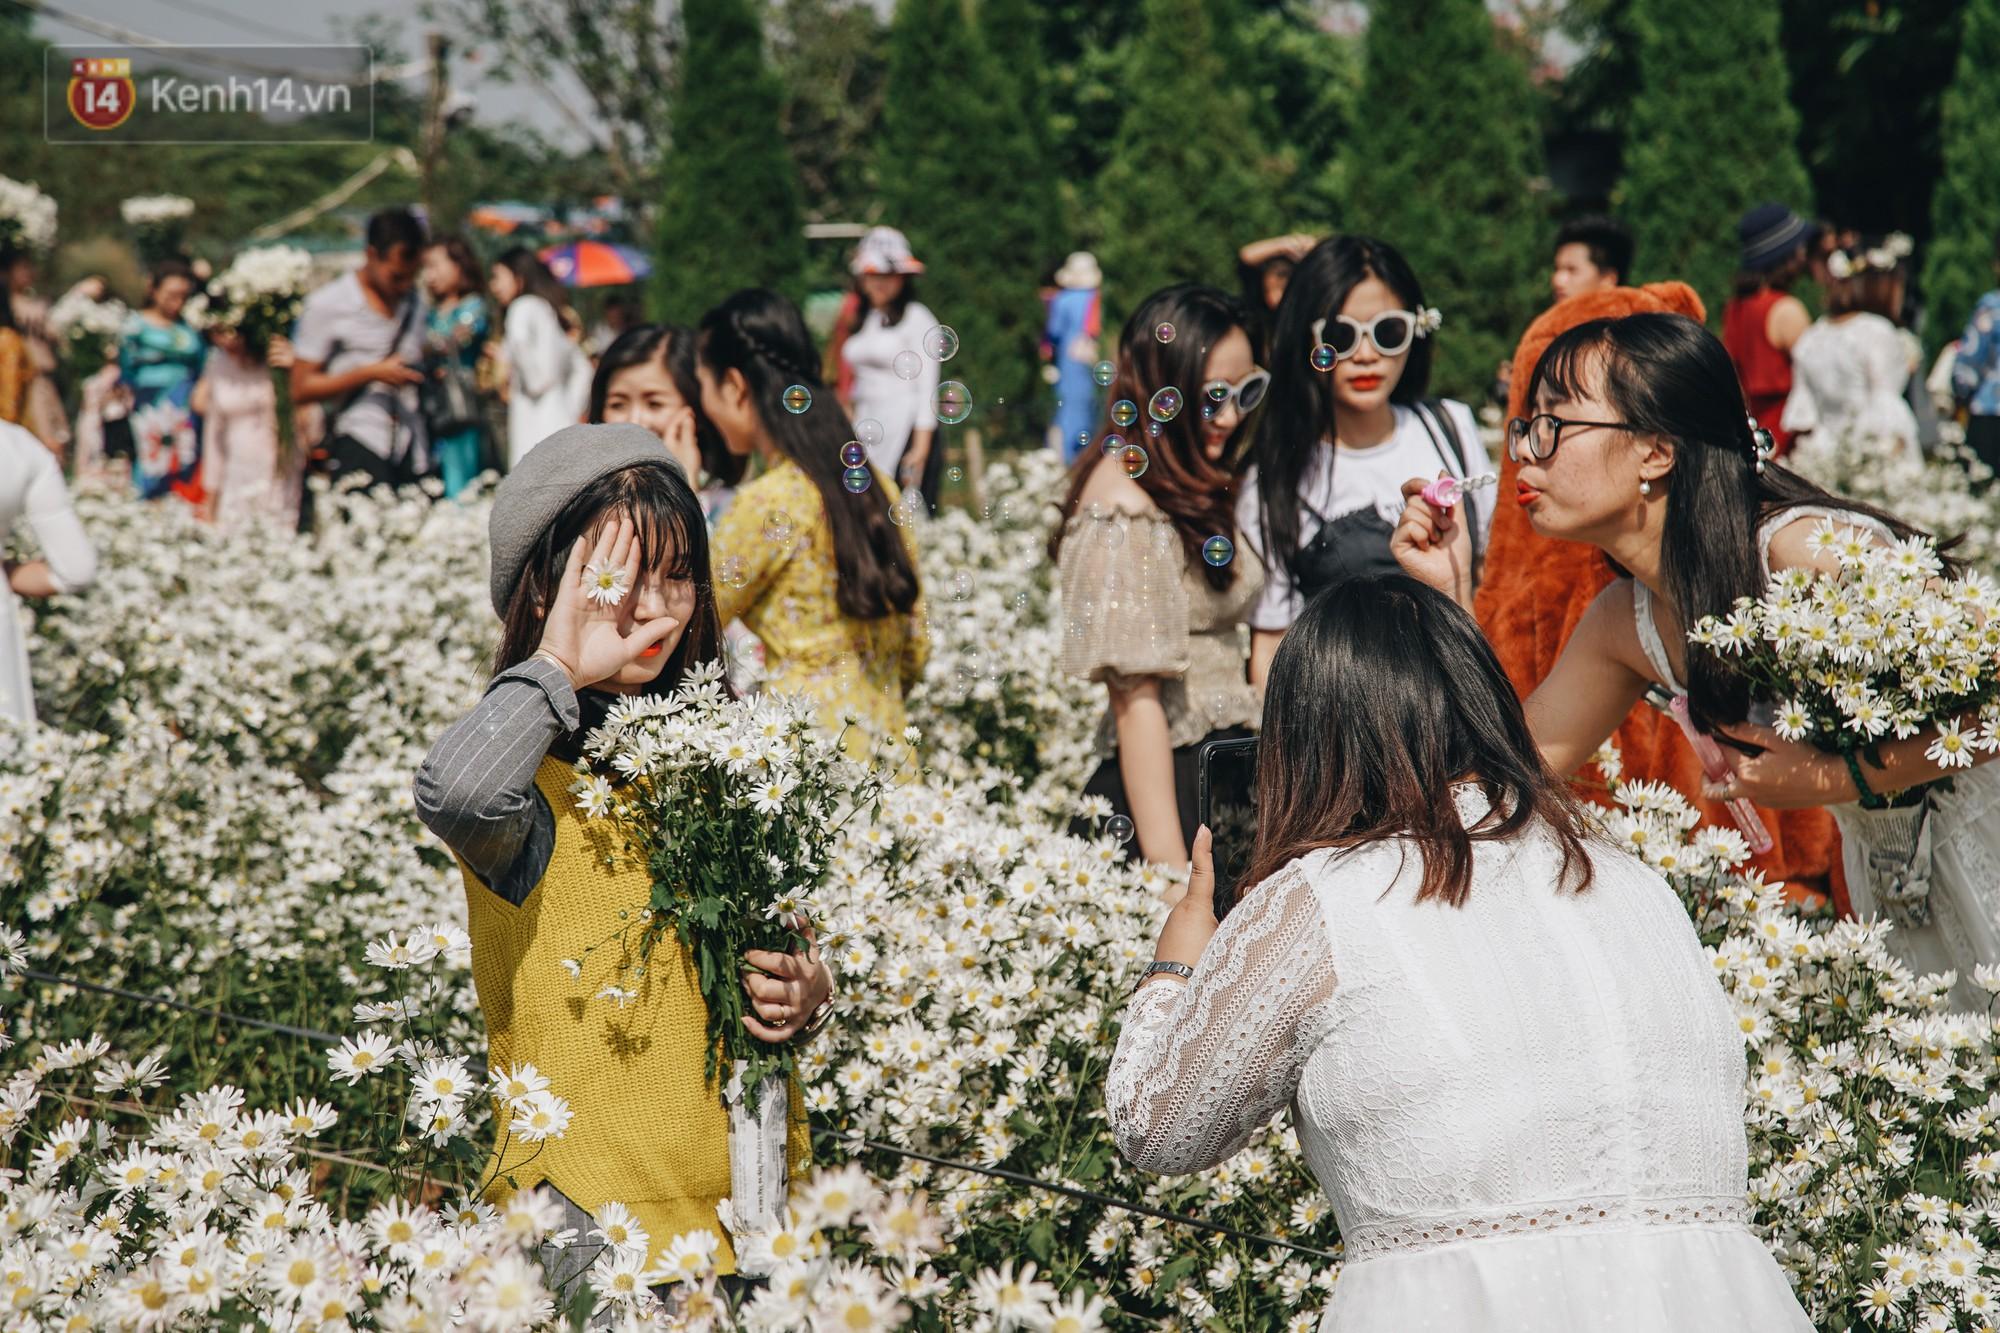 Vườn cúc họa mi ở Hà Nội tiếp tục thất thủ: Đường vào tắc nghẽn, chụp một bức ảnh phải né bao nhiêu người - Ảnh 12.